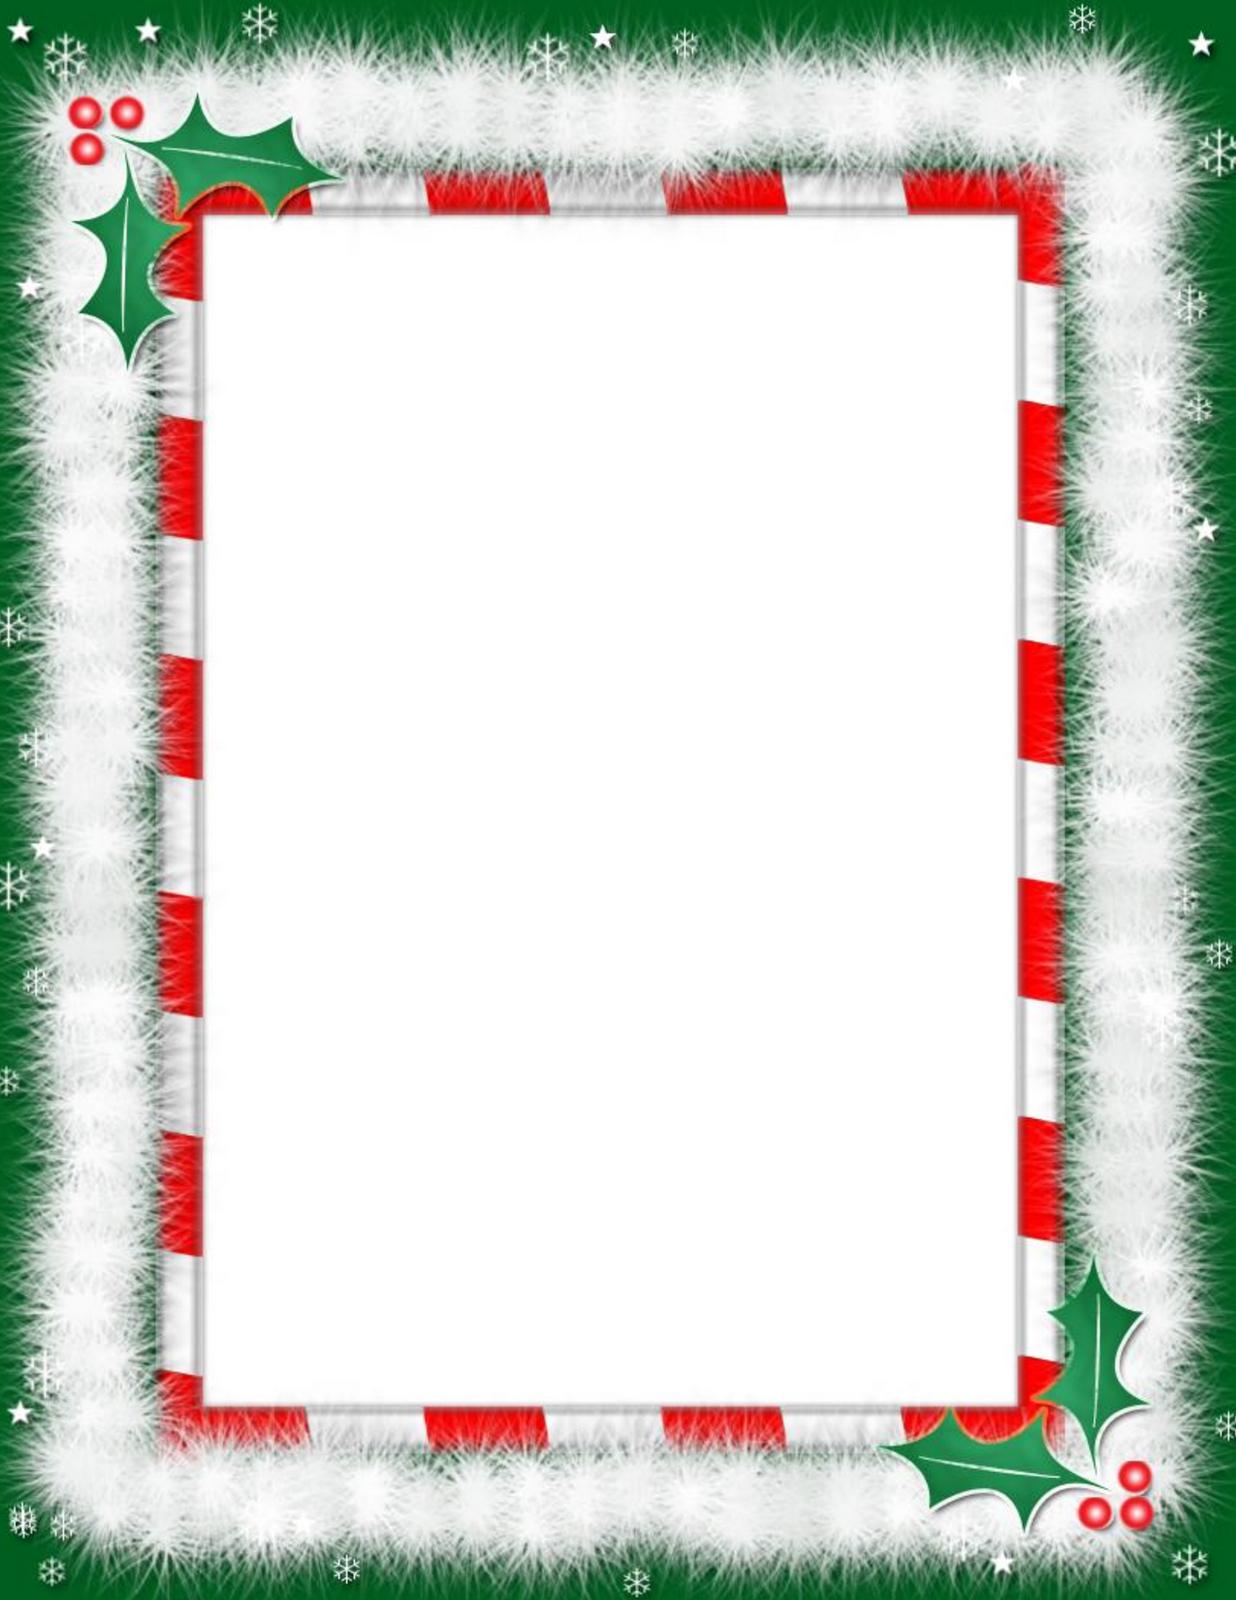 Pinfay On Cards | Pinterest | Christmas Border, Christmas And - Free Printable Christmas Paper With Borders